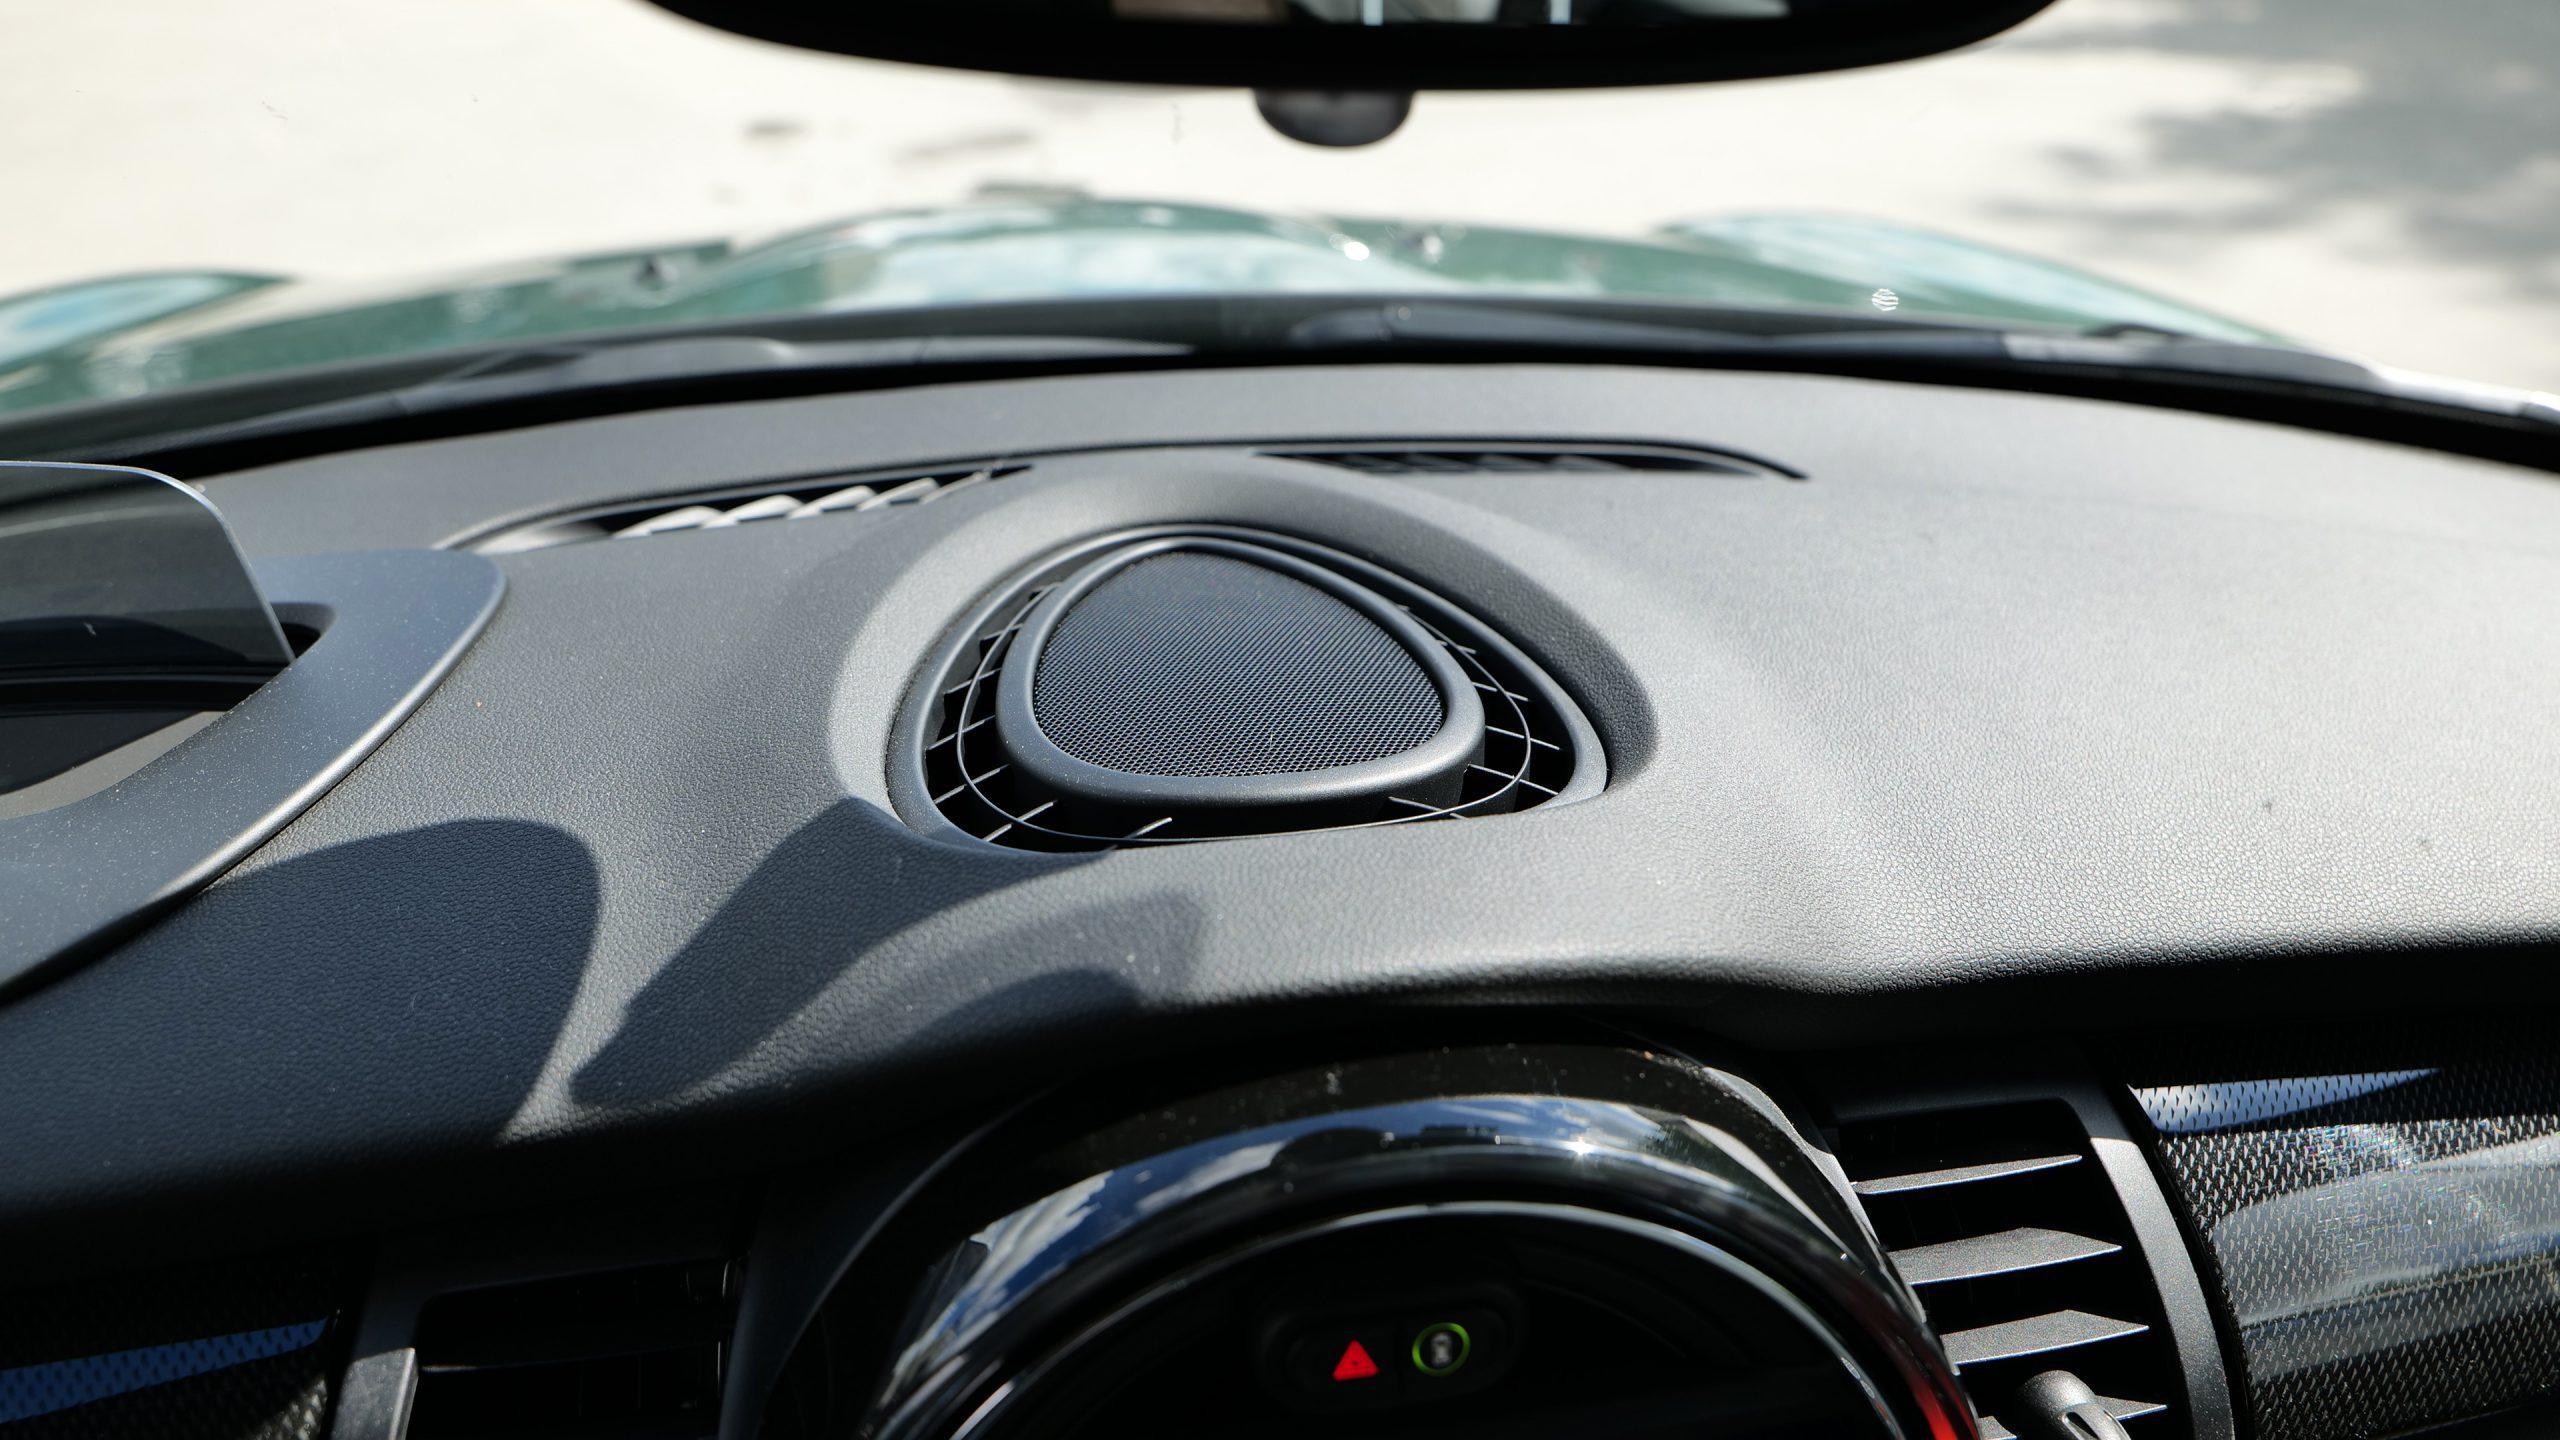 Mini Cooper SE center speaker